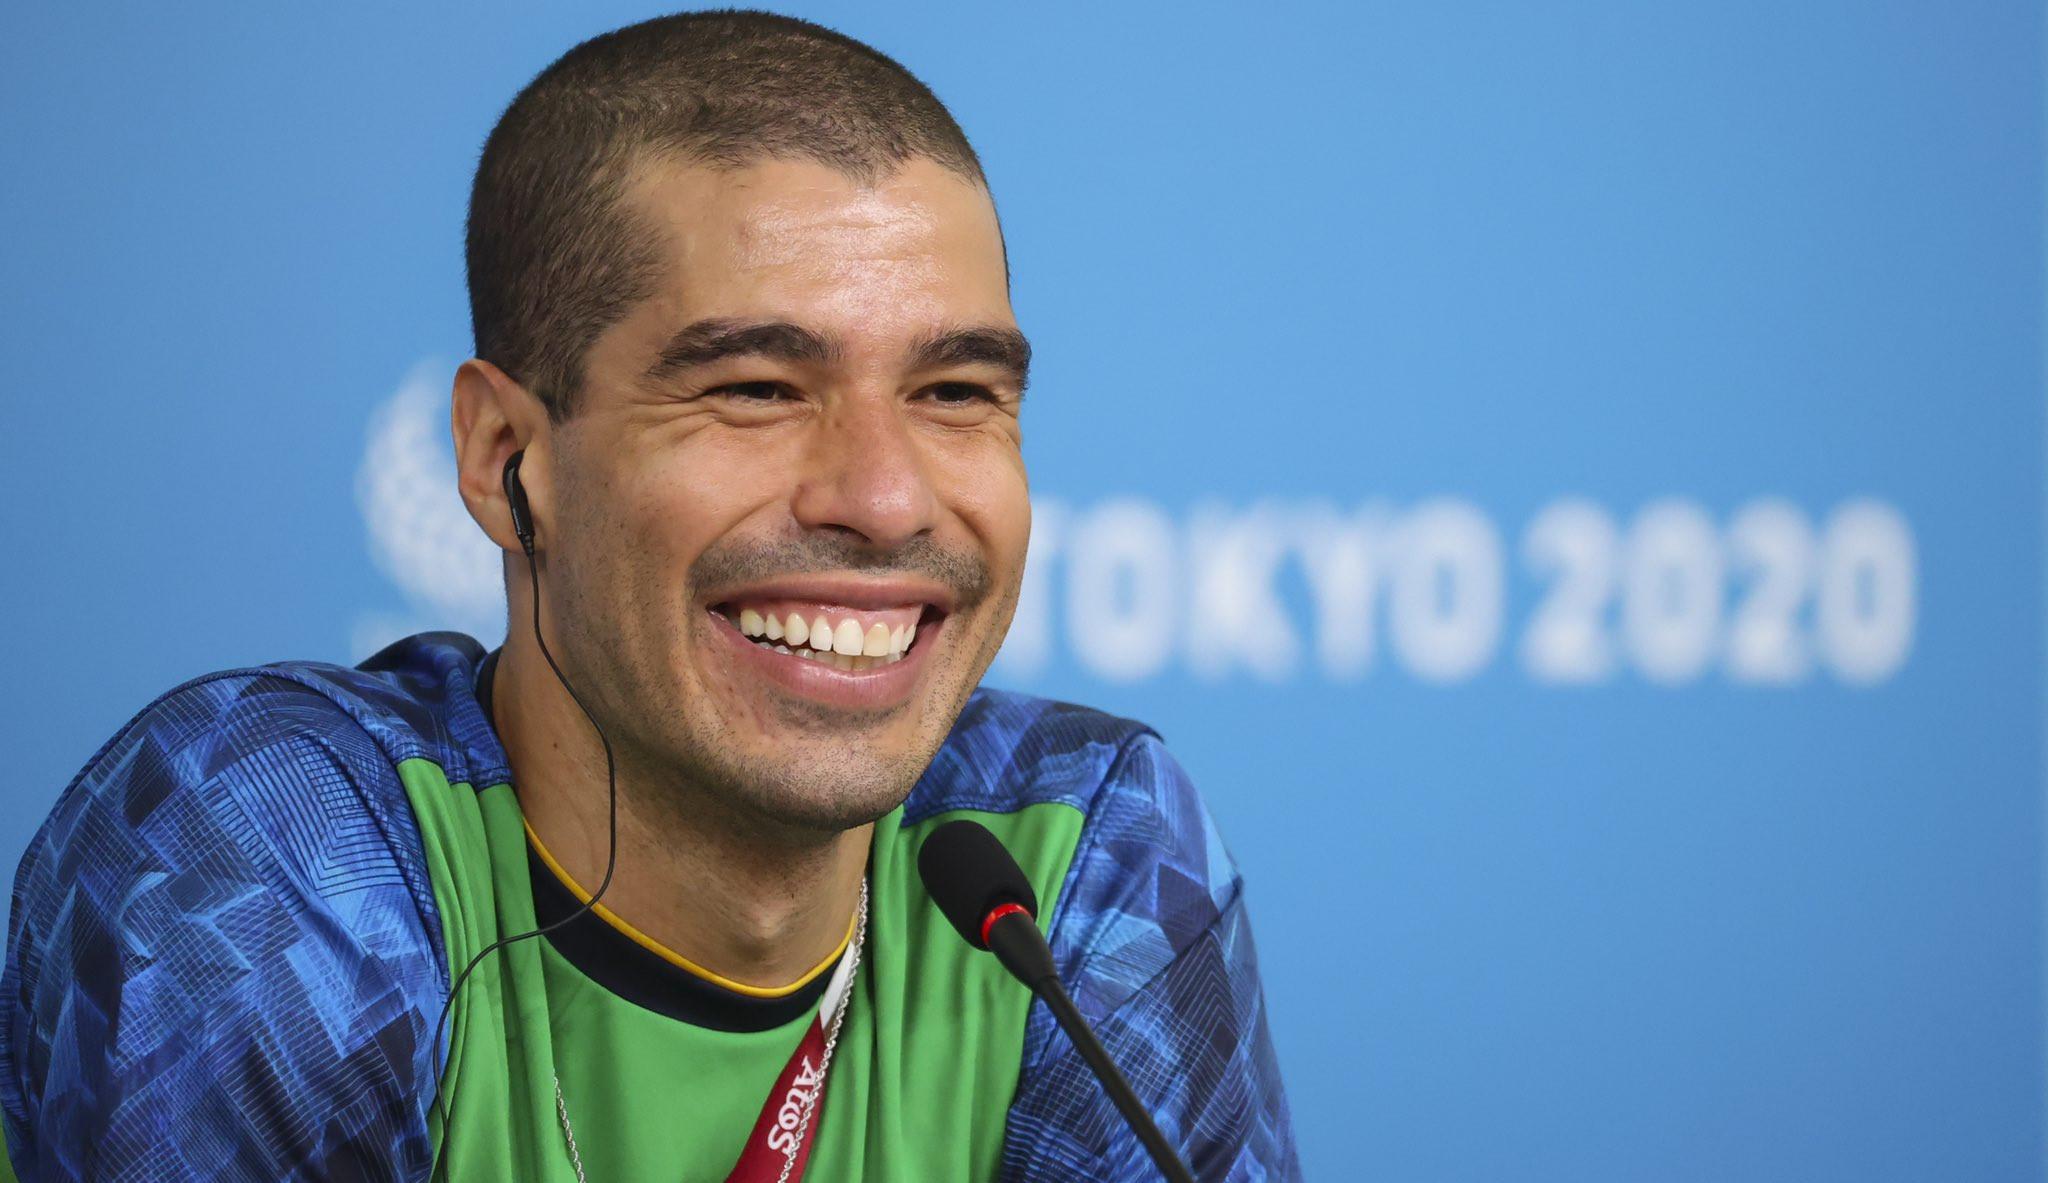 Casa da Moeda faz homenagem ao nadador Daniel Dias com coleção de medalhas com seu rosto